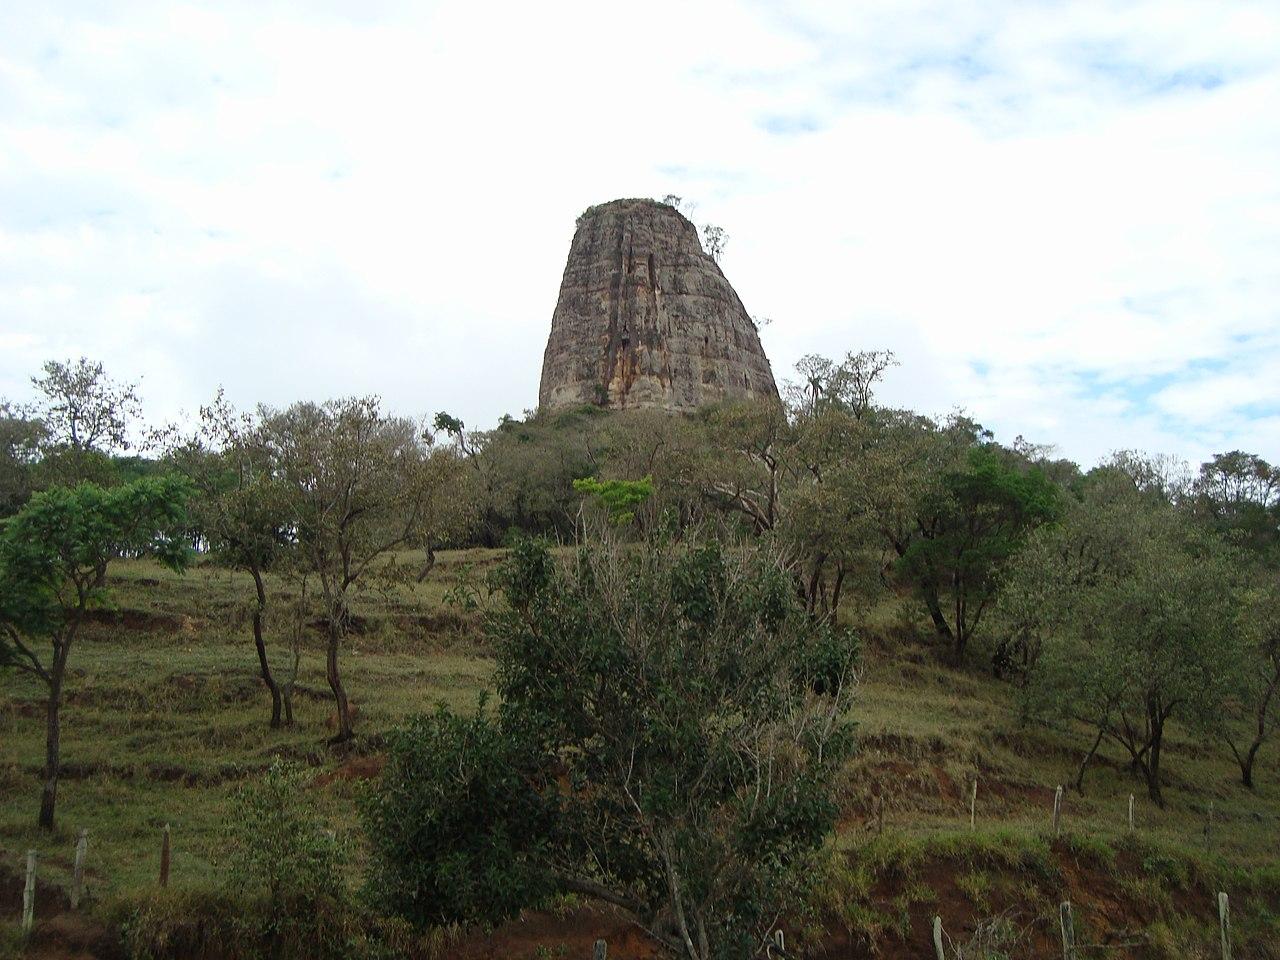 Torre de Pedra São Paulo fonte: upload.wikimedia.org